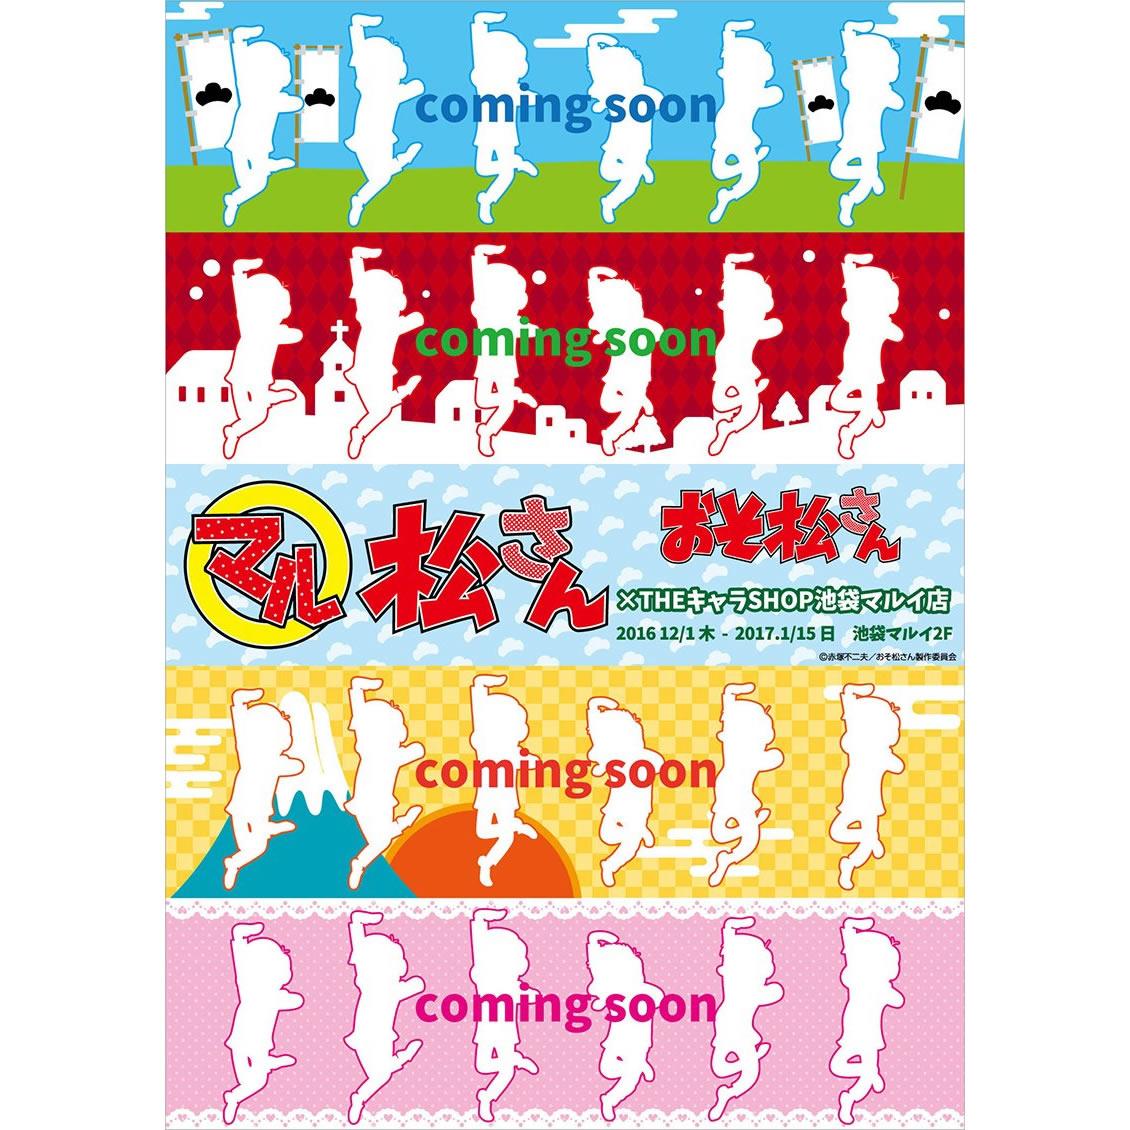 【○松さん】「おそ松さん×THEキャラSHOP池袋マルイ店」が開催決定!